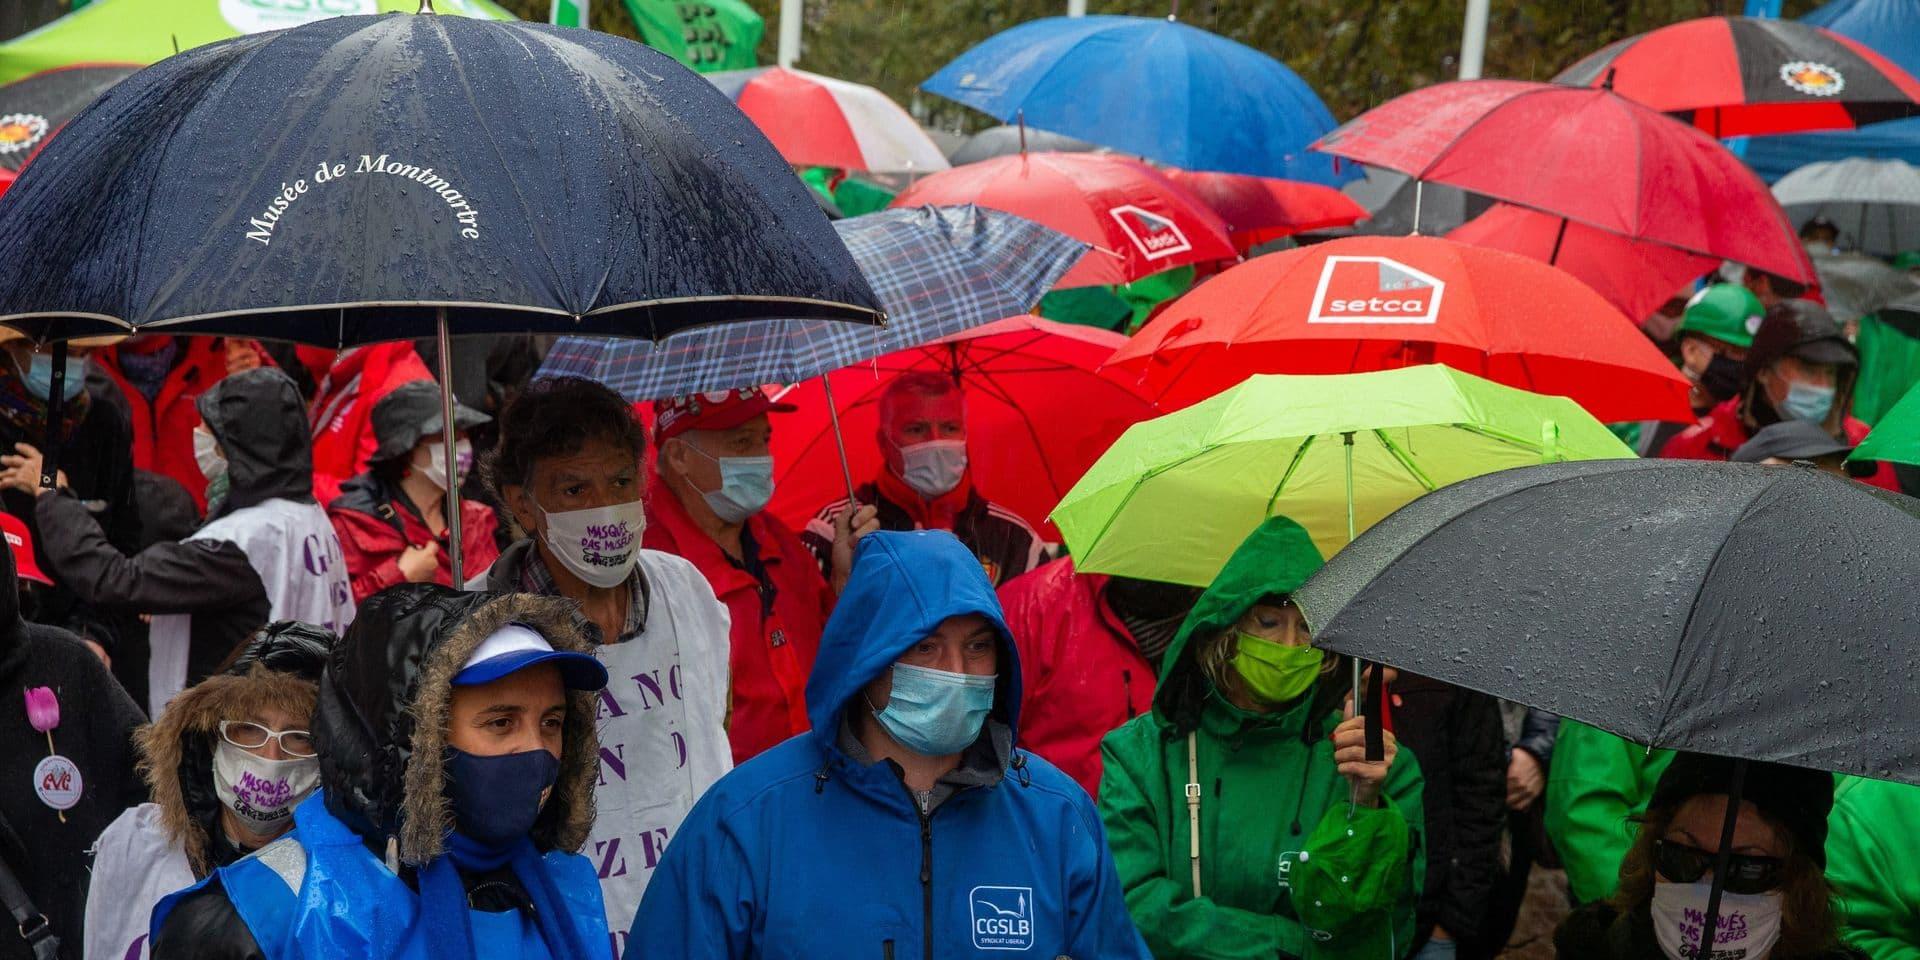 Vendredi, une journée d'actions est organisée dans plusieurs entreprises du pays par le front commun syndical.